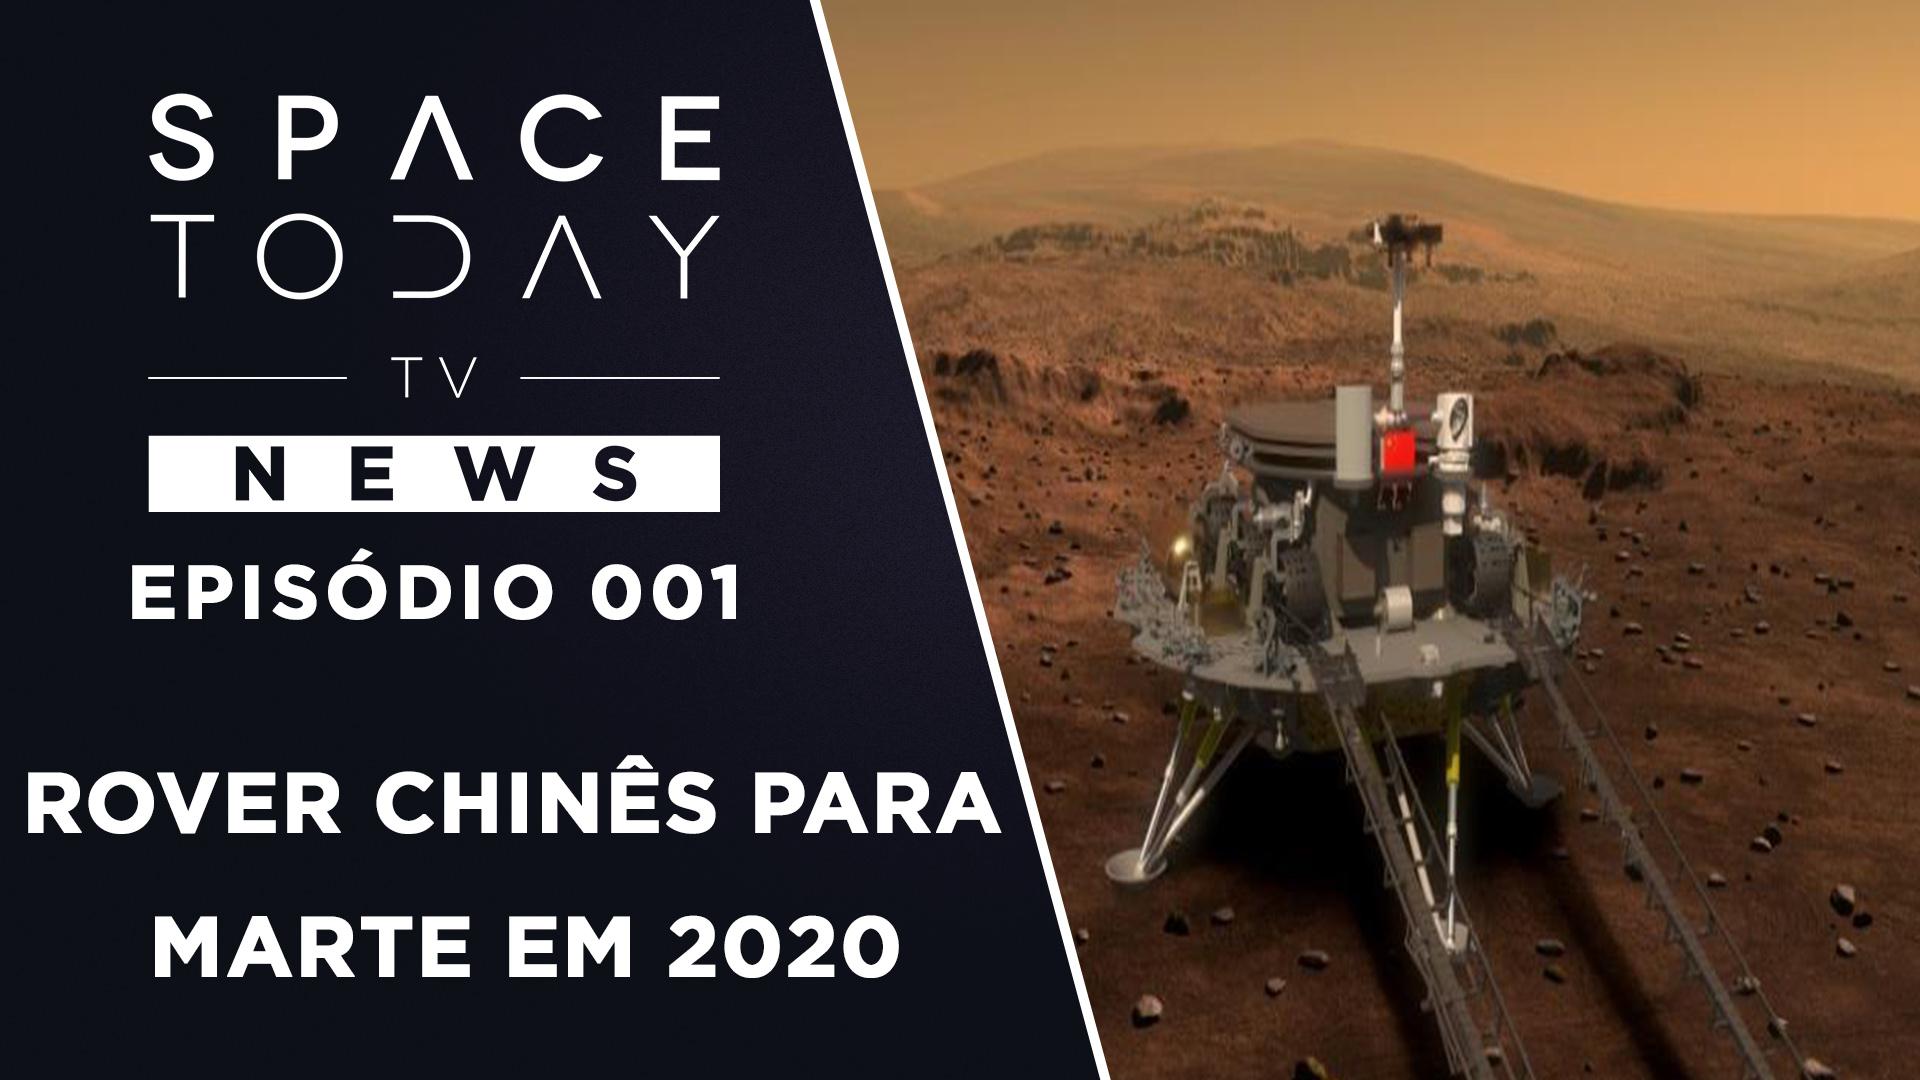 Rover Chinês Para Marte Em 2020 – Space Today TV News 001